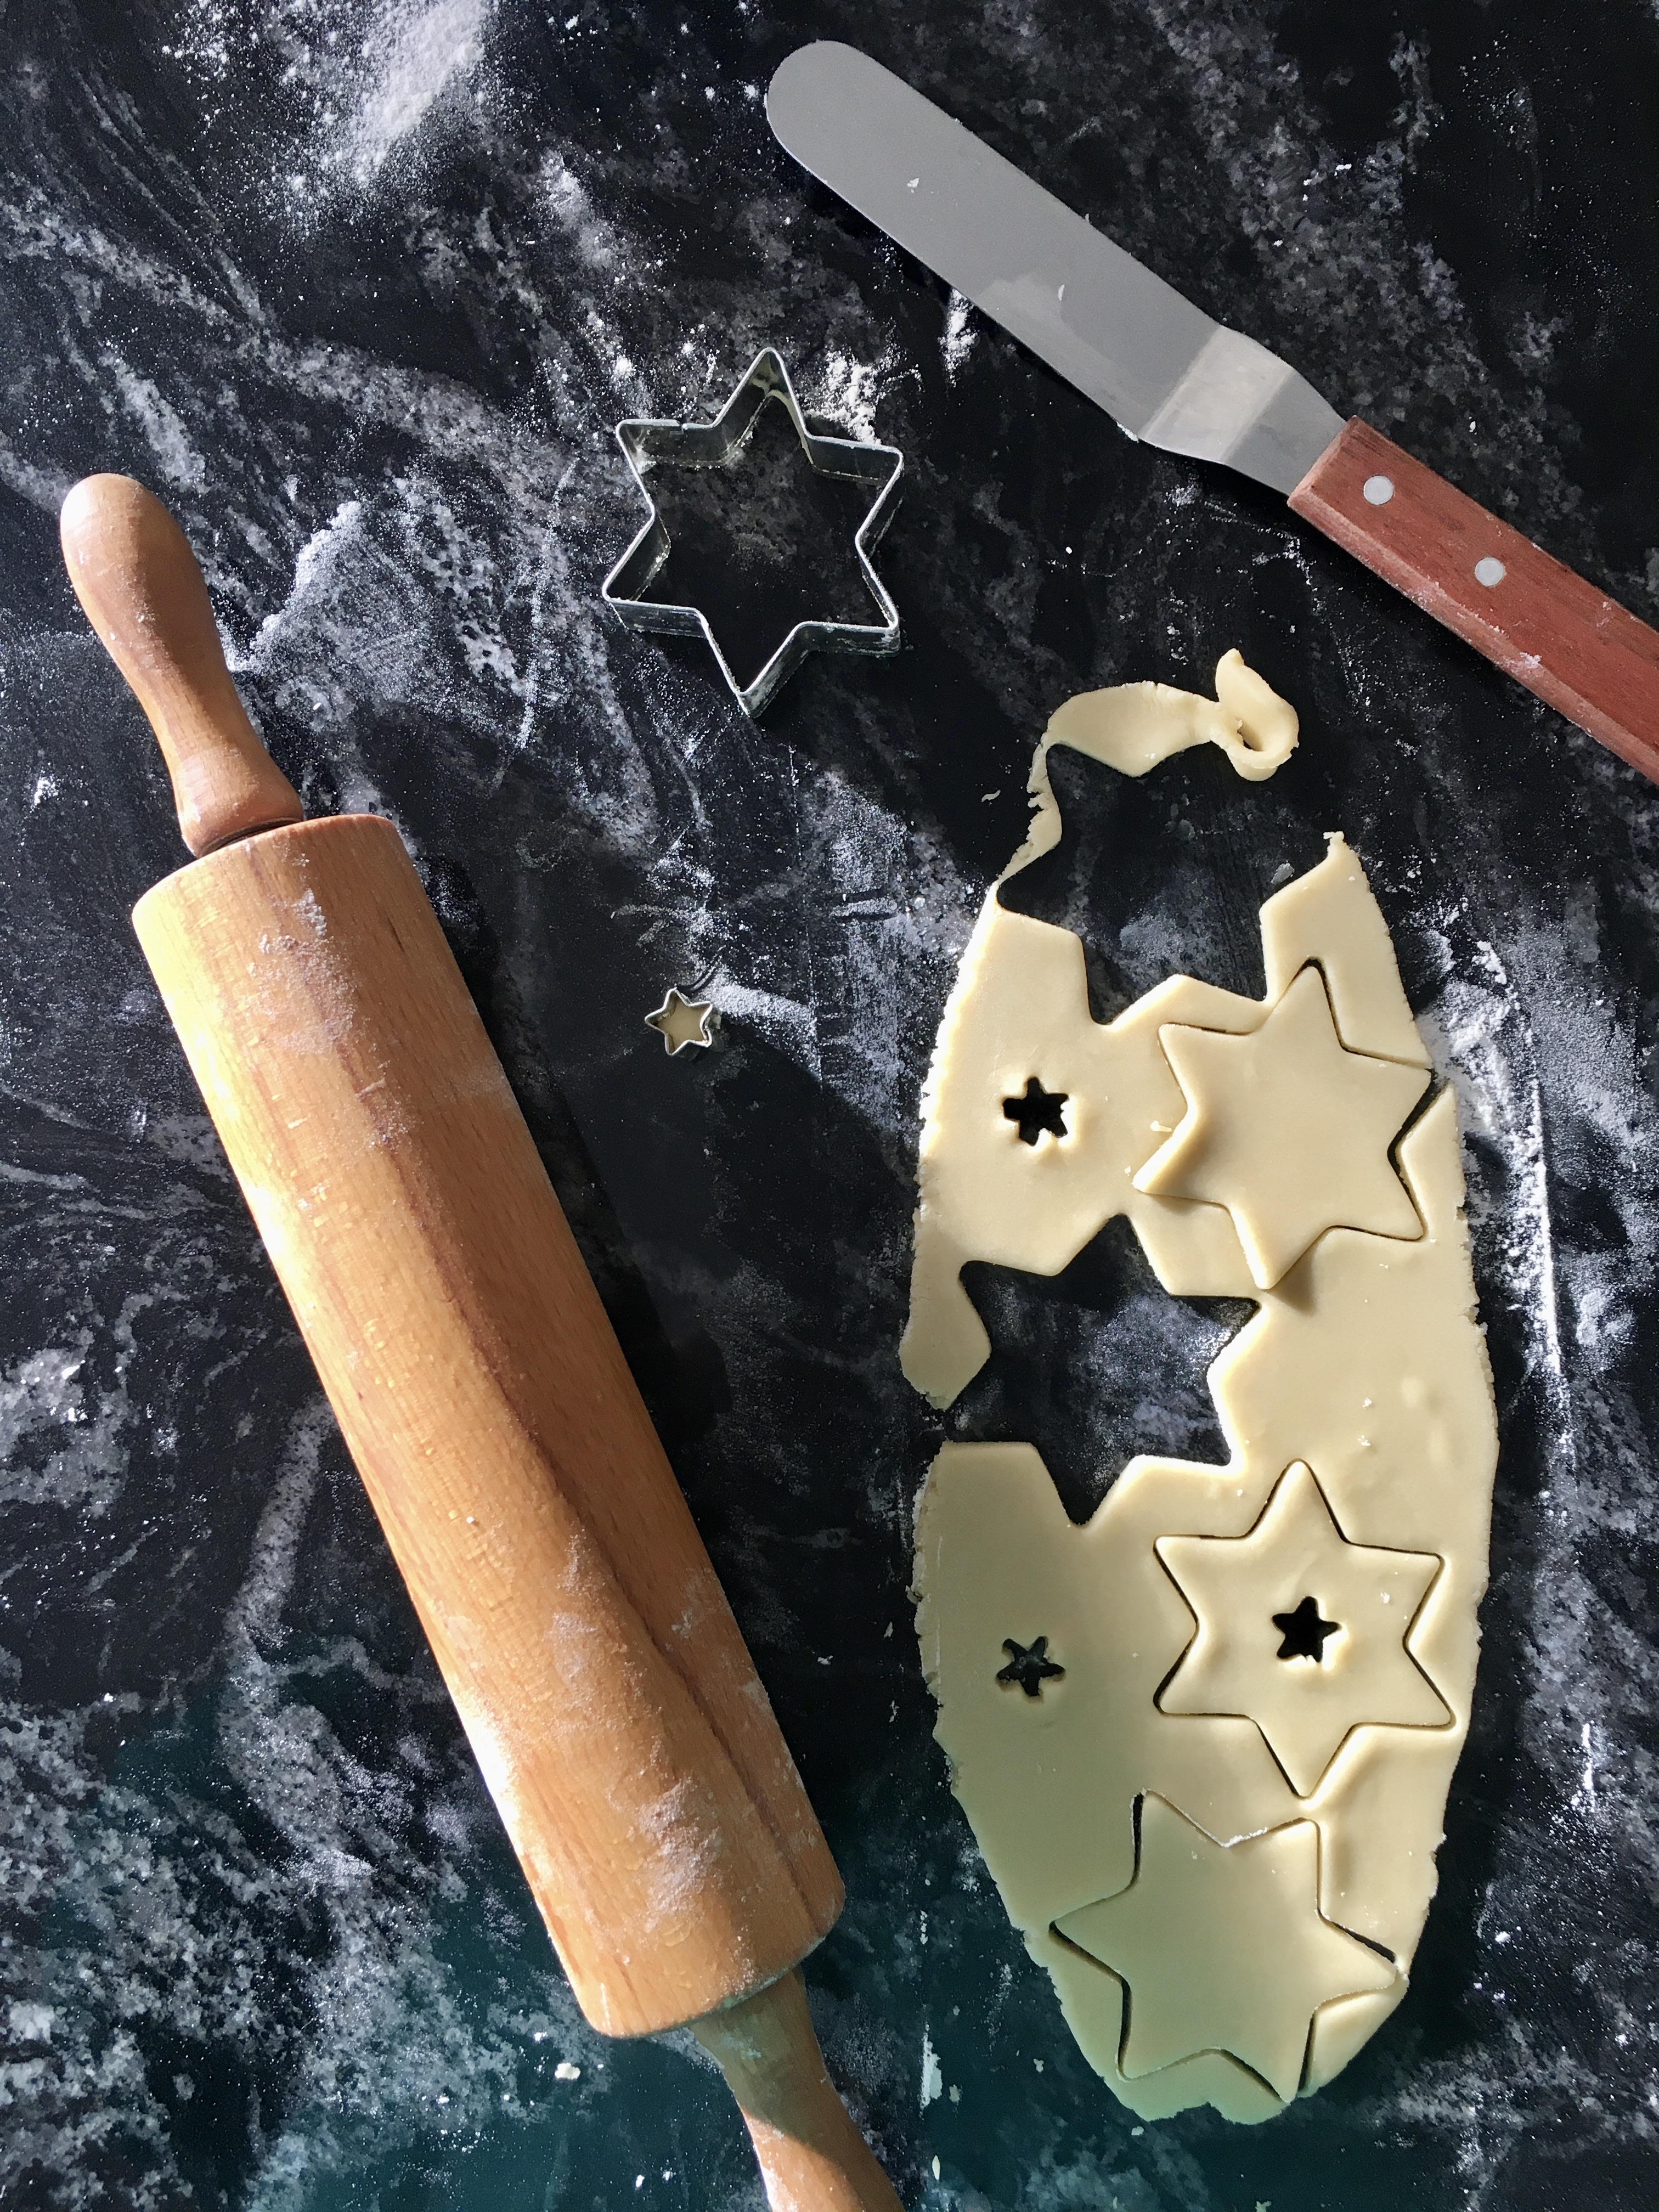 Petits biscuits de Noël - Miroirs - une spécialité suisse - Delimoon.com